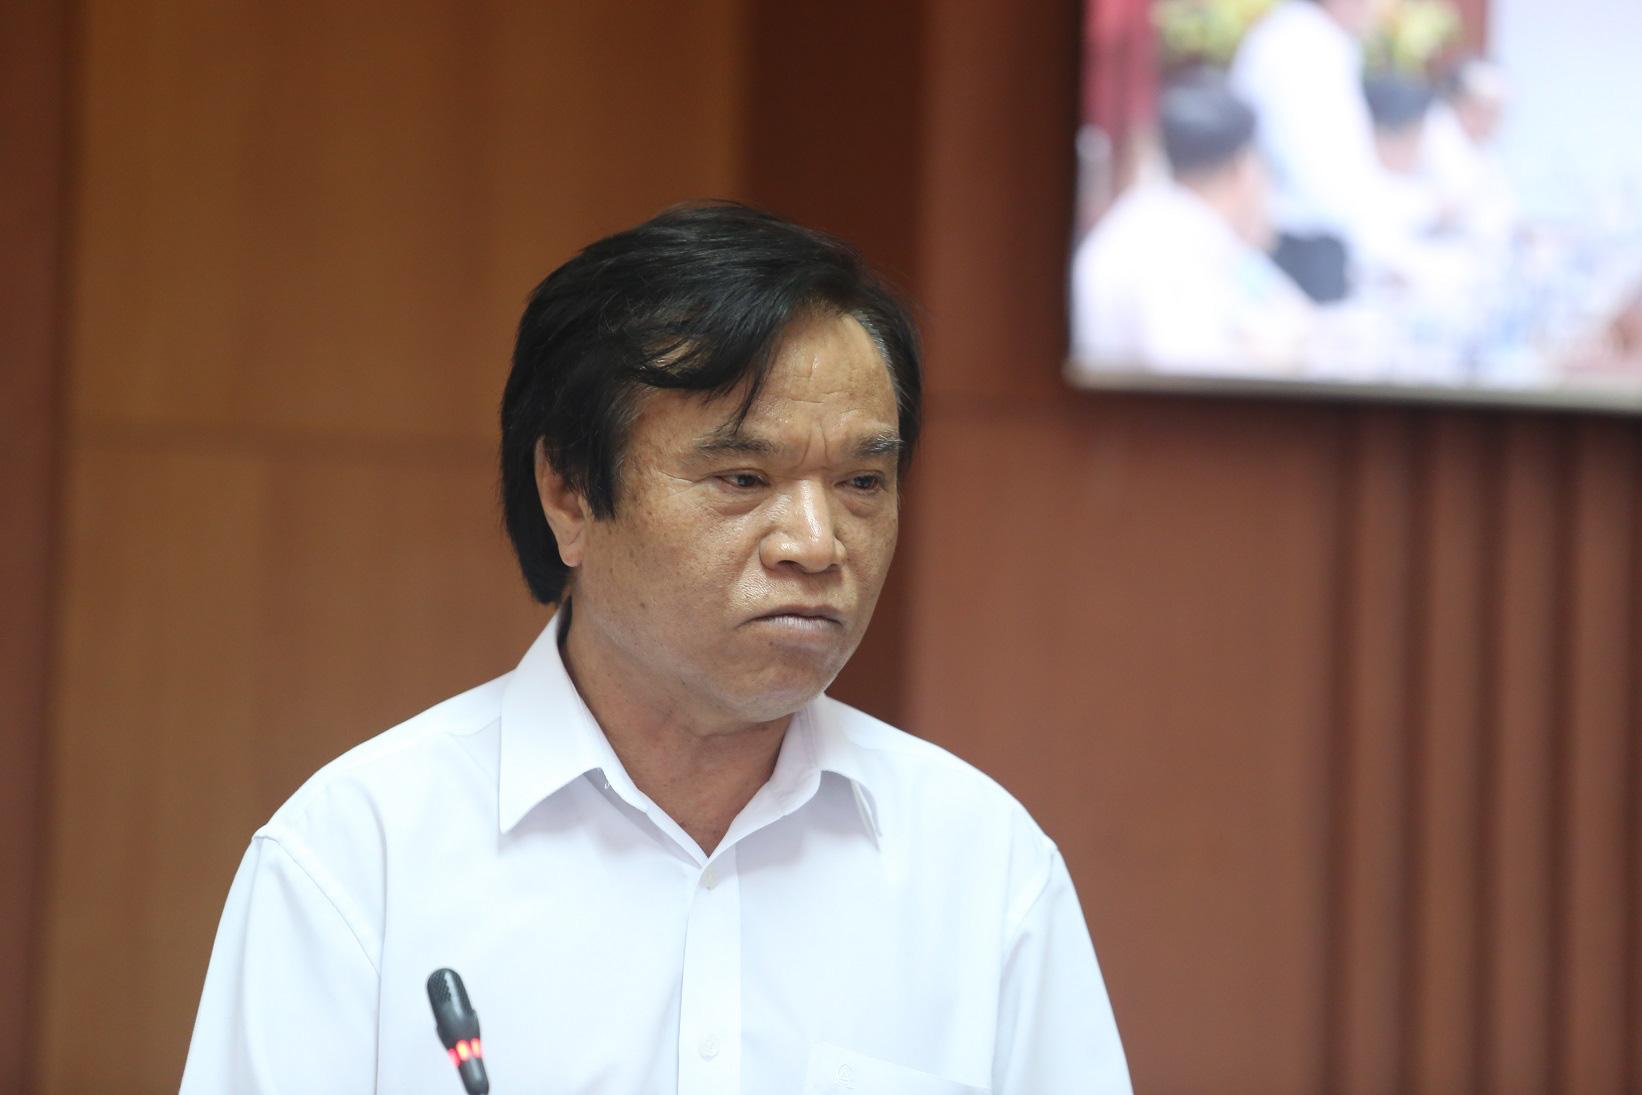 2 Giám đốc Sở bị Chủ tịch Quảng Nam chỉ đạo kiểm điểm vụ mua máy xét nghiệm Covid-19 - Ảnh 2.